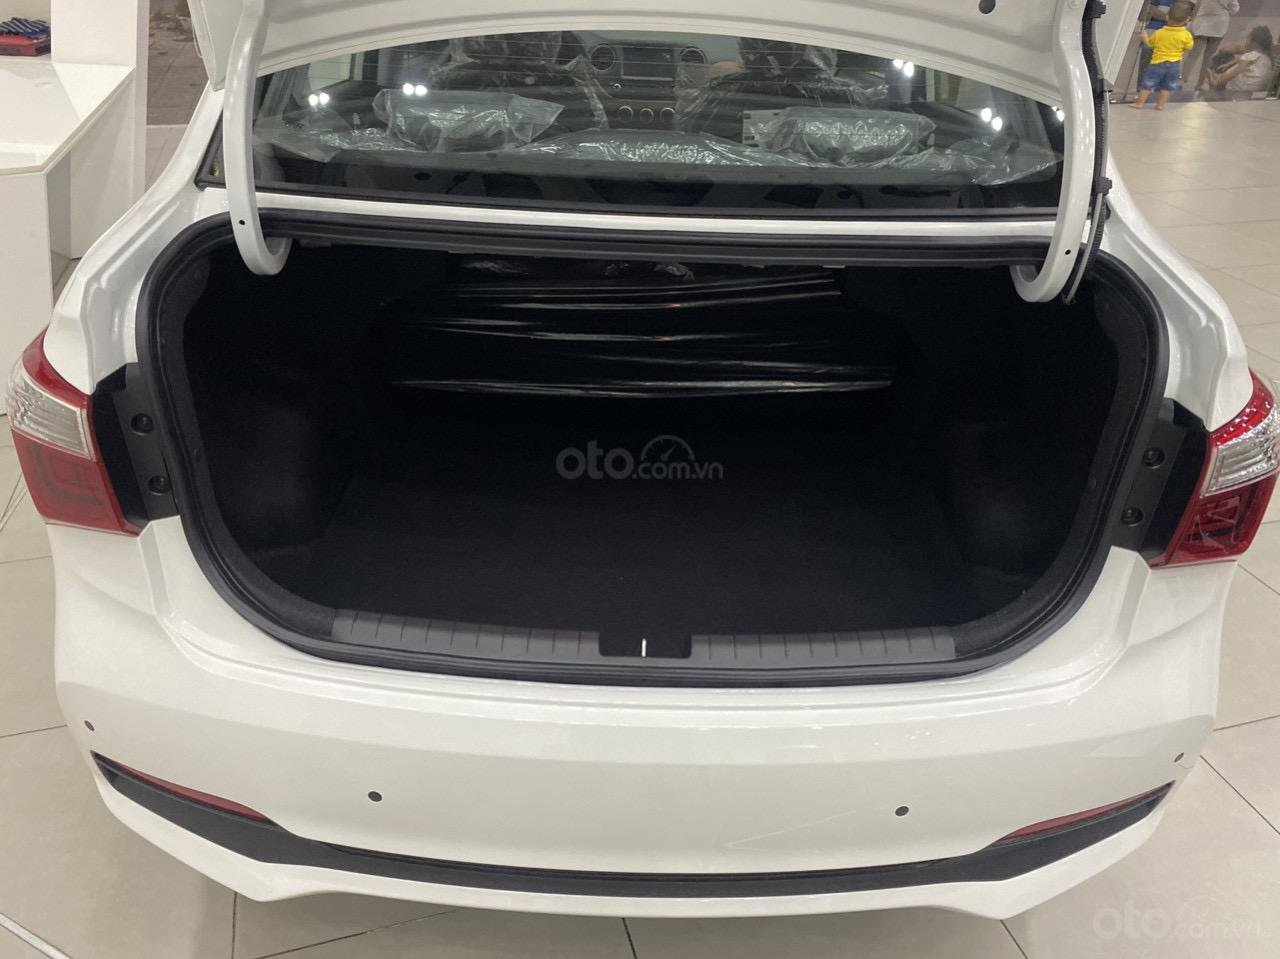 Cần bán xe Hyundai Grand i10 sedan xe có sẵn (8)